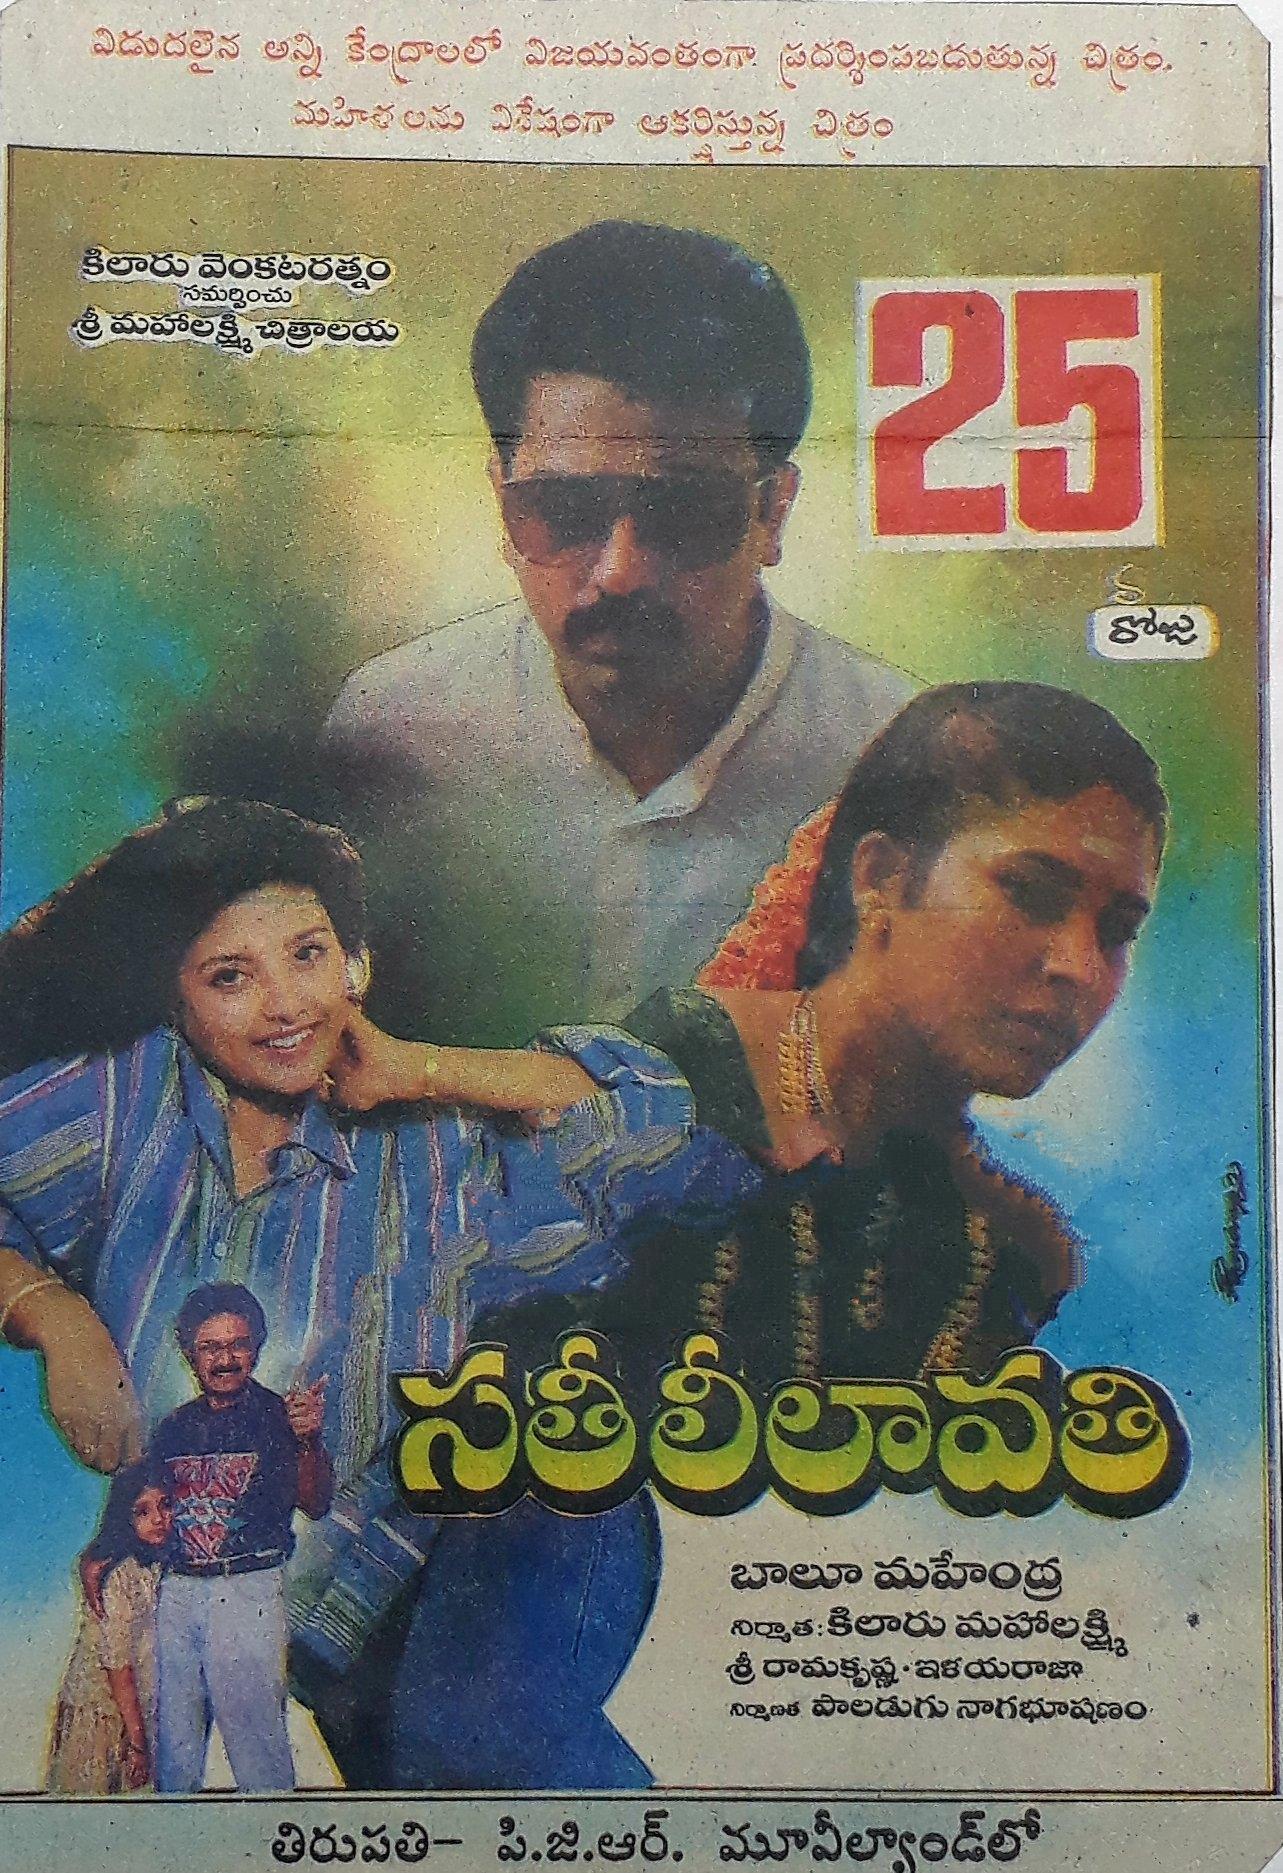 Kamal Haasan, Heera Rajgopal, and Kovai Sarala in Sathi Leelavathi (1995)